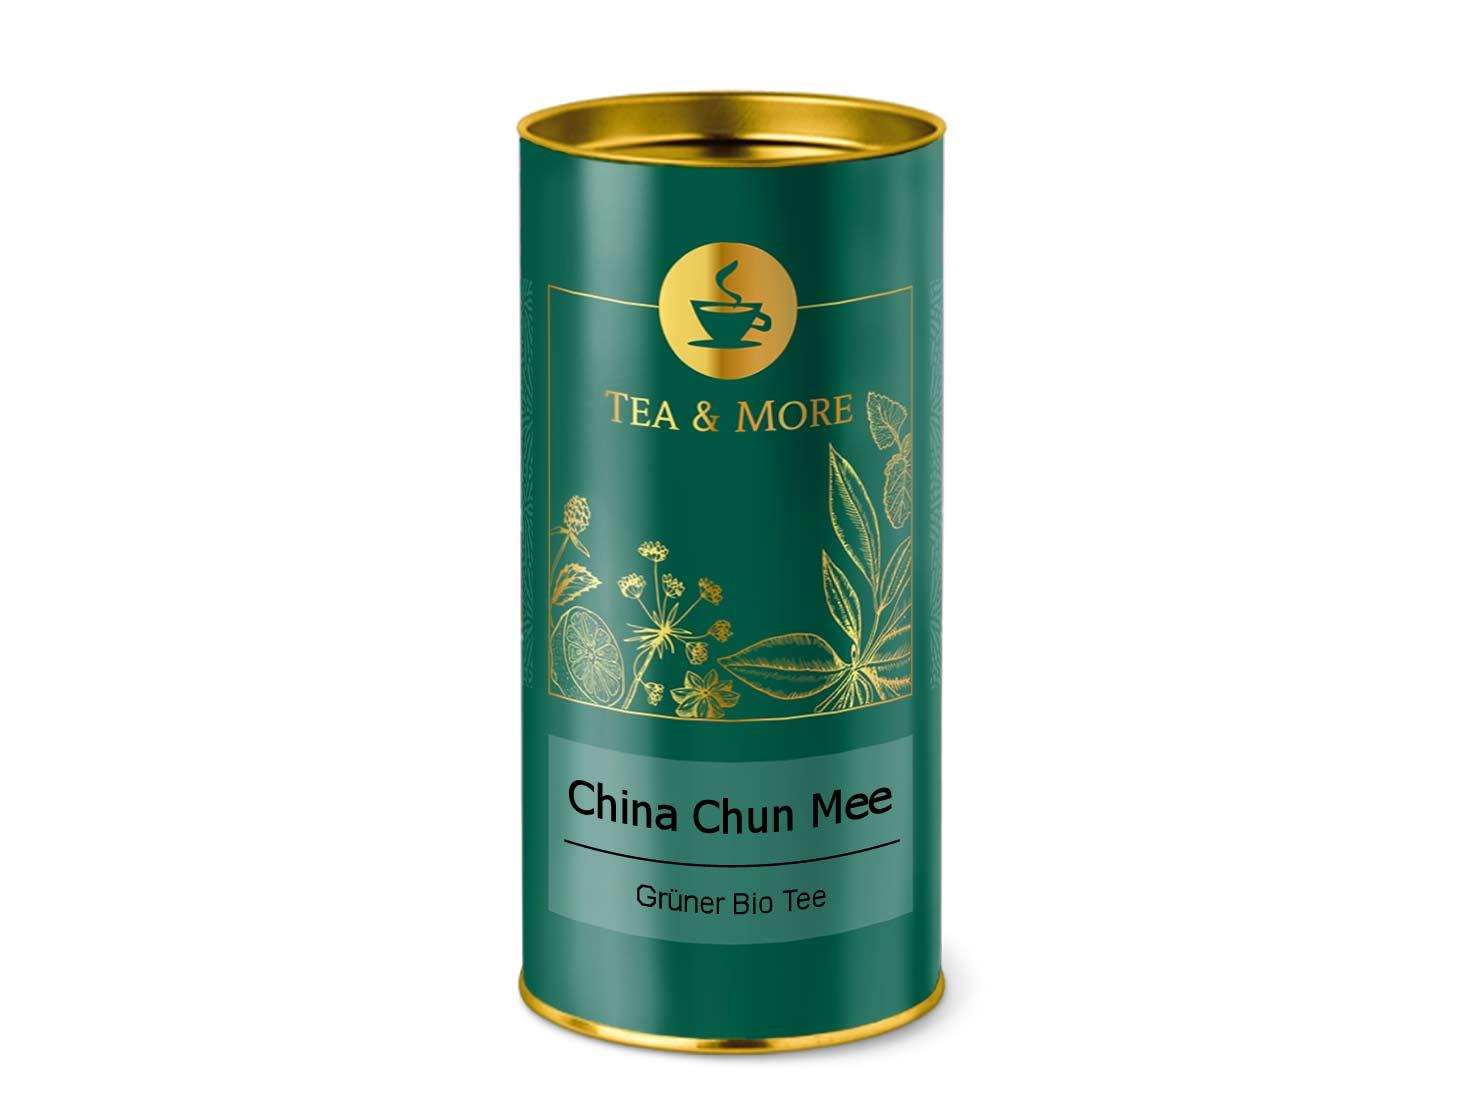 China Chun Mee (Organic)